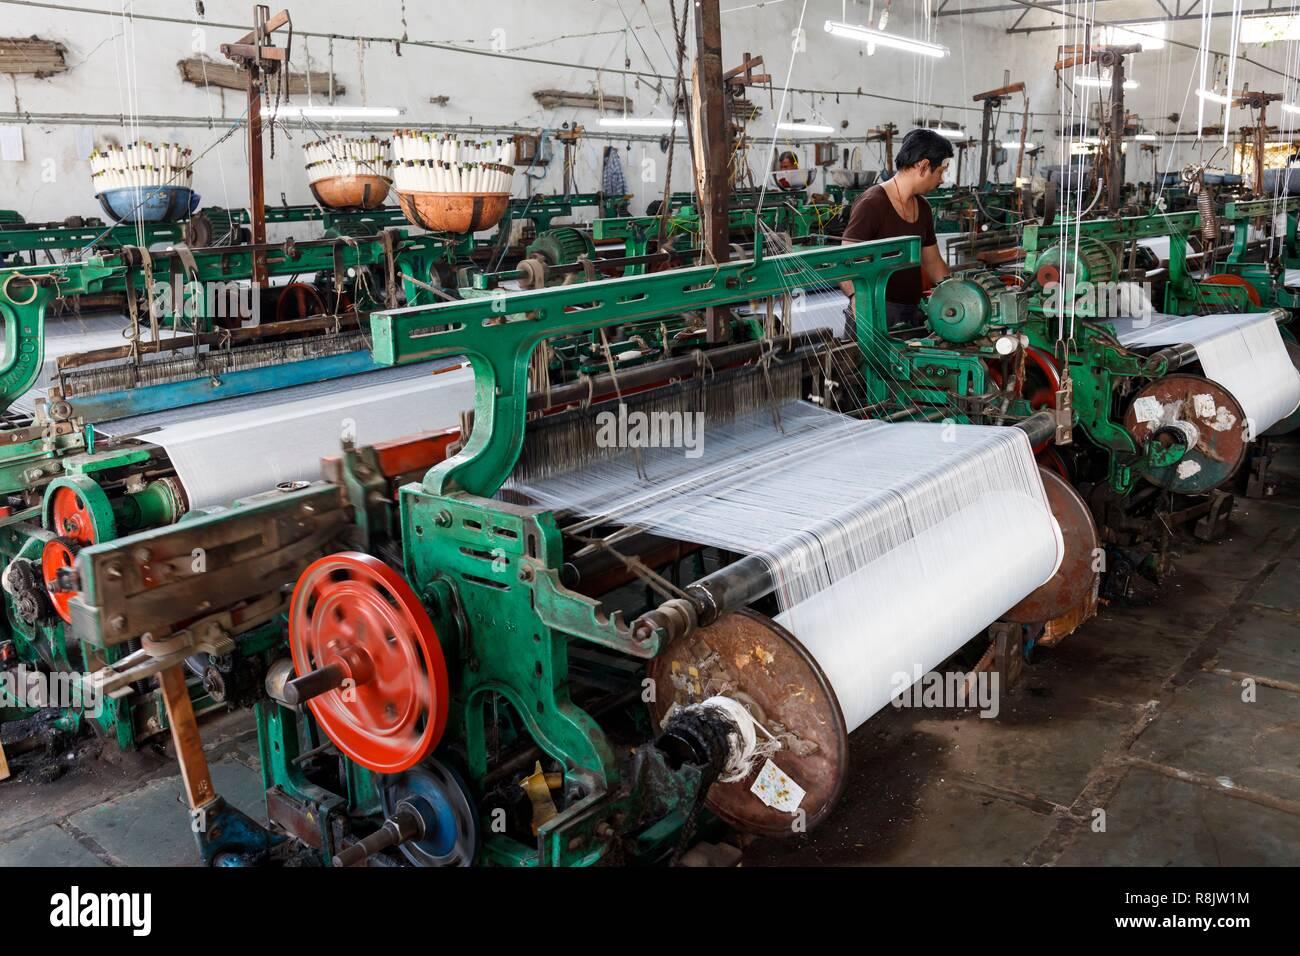 India, Madhya Pradesh, Burhanpur, cotton weaving machines - Stock Image